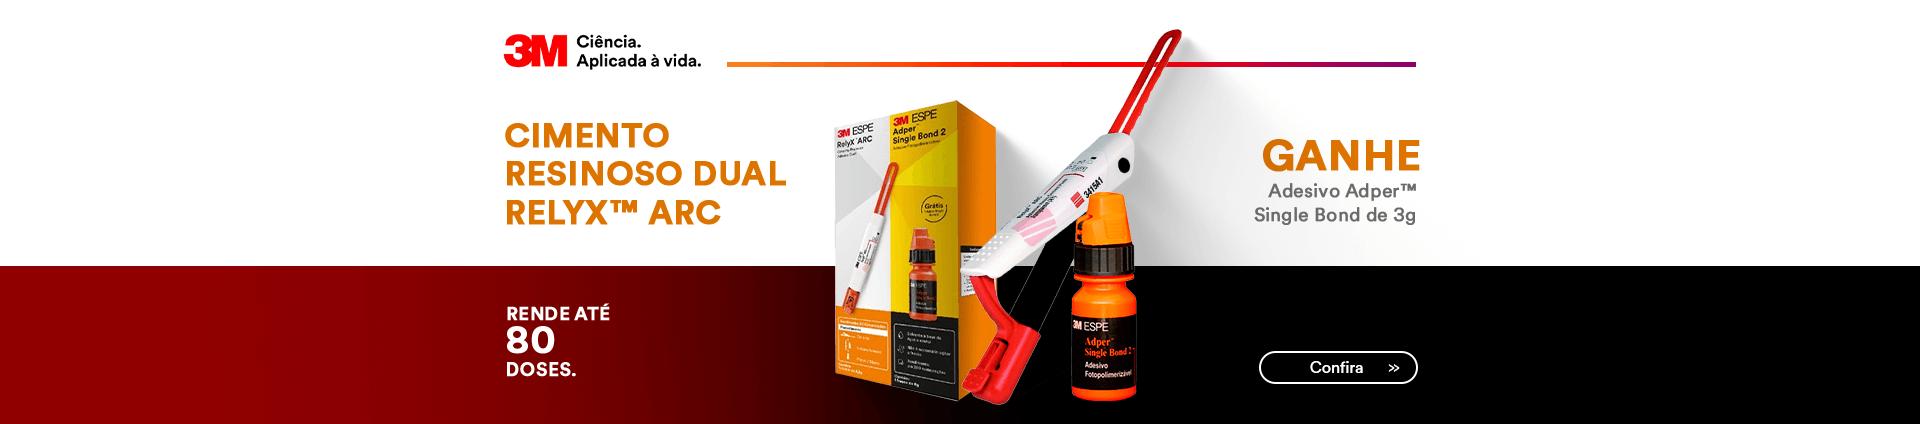 Compre Cimento Resinoso RelyX ARC 3M e Ganhe Adesivo Adper Single Bond | Dental Cremer